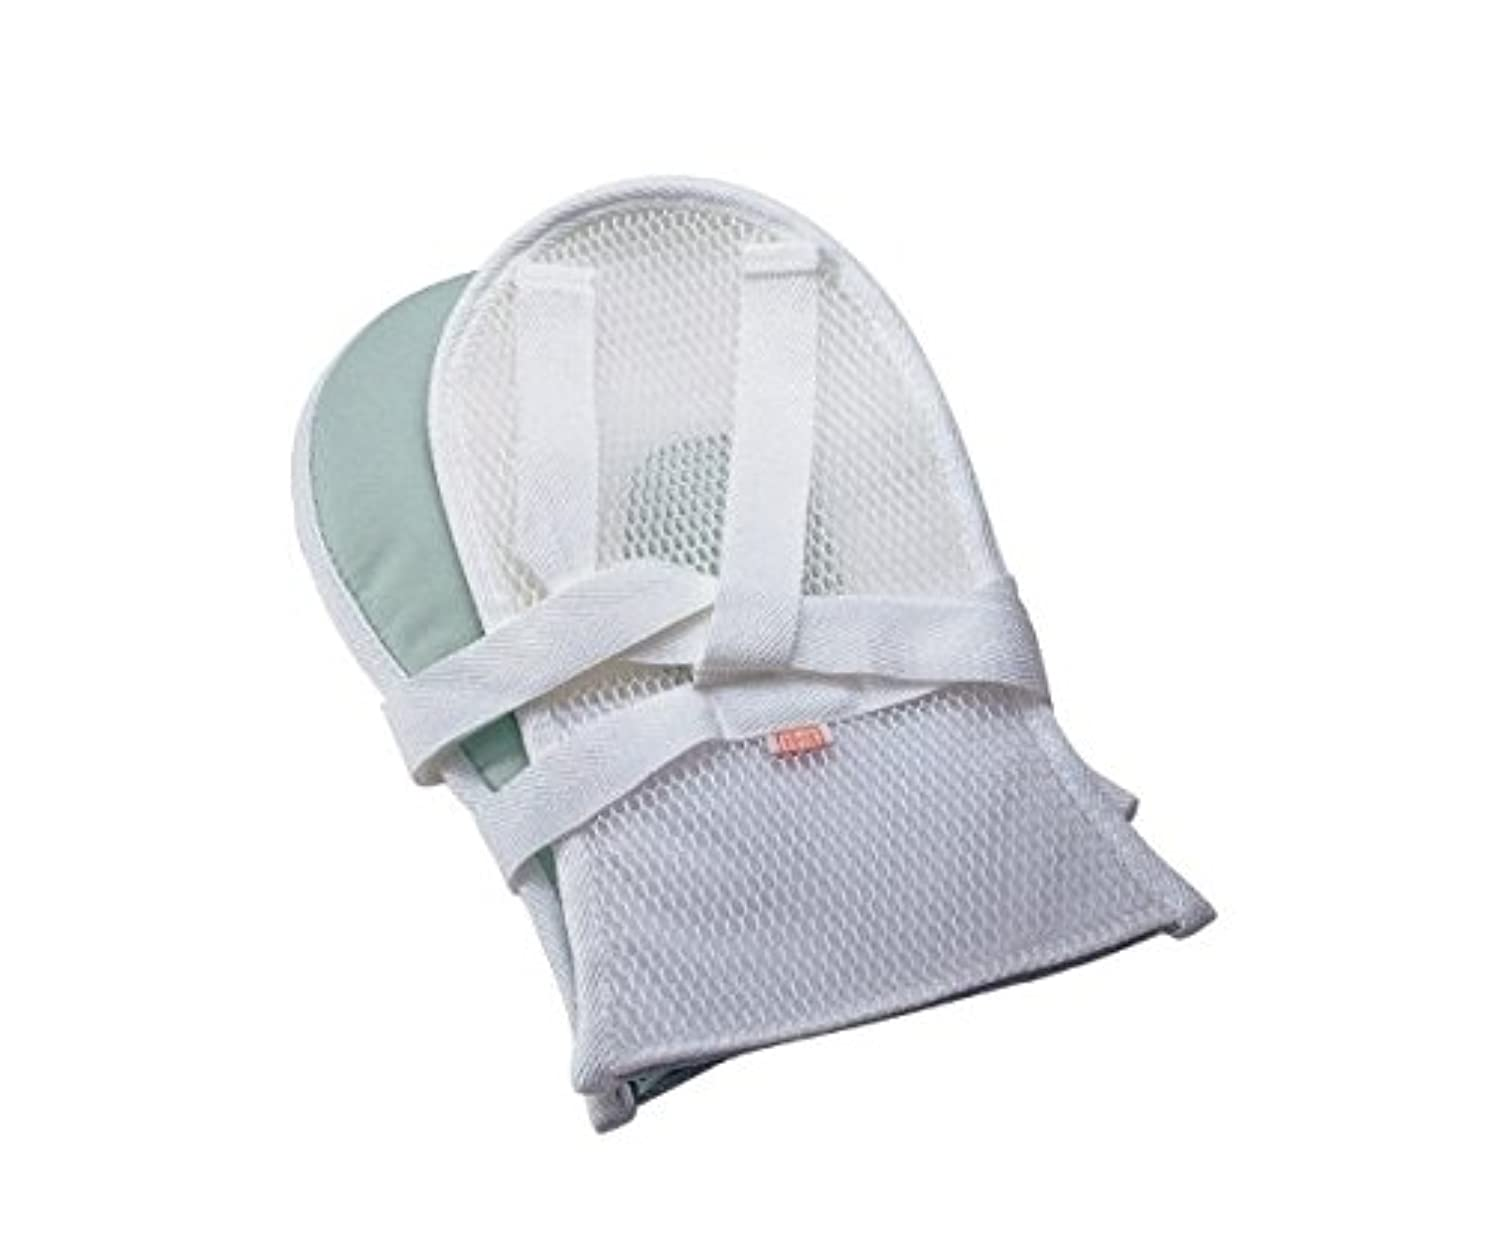 民兵慣れるパッド抑制手袋(まもっ手) サラサラ / 0-3231-02